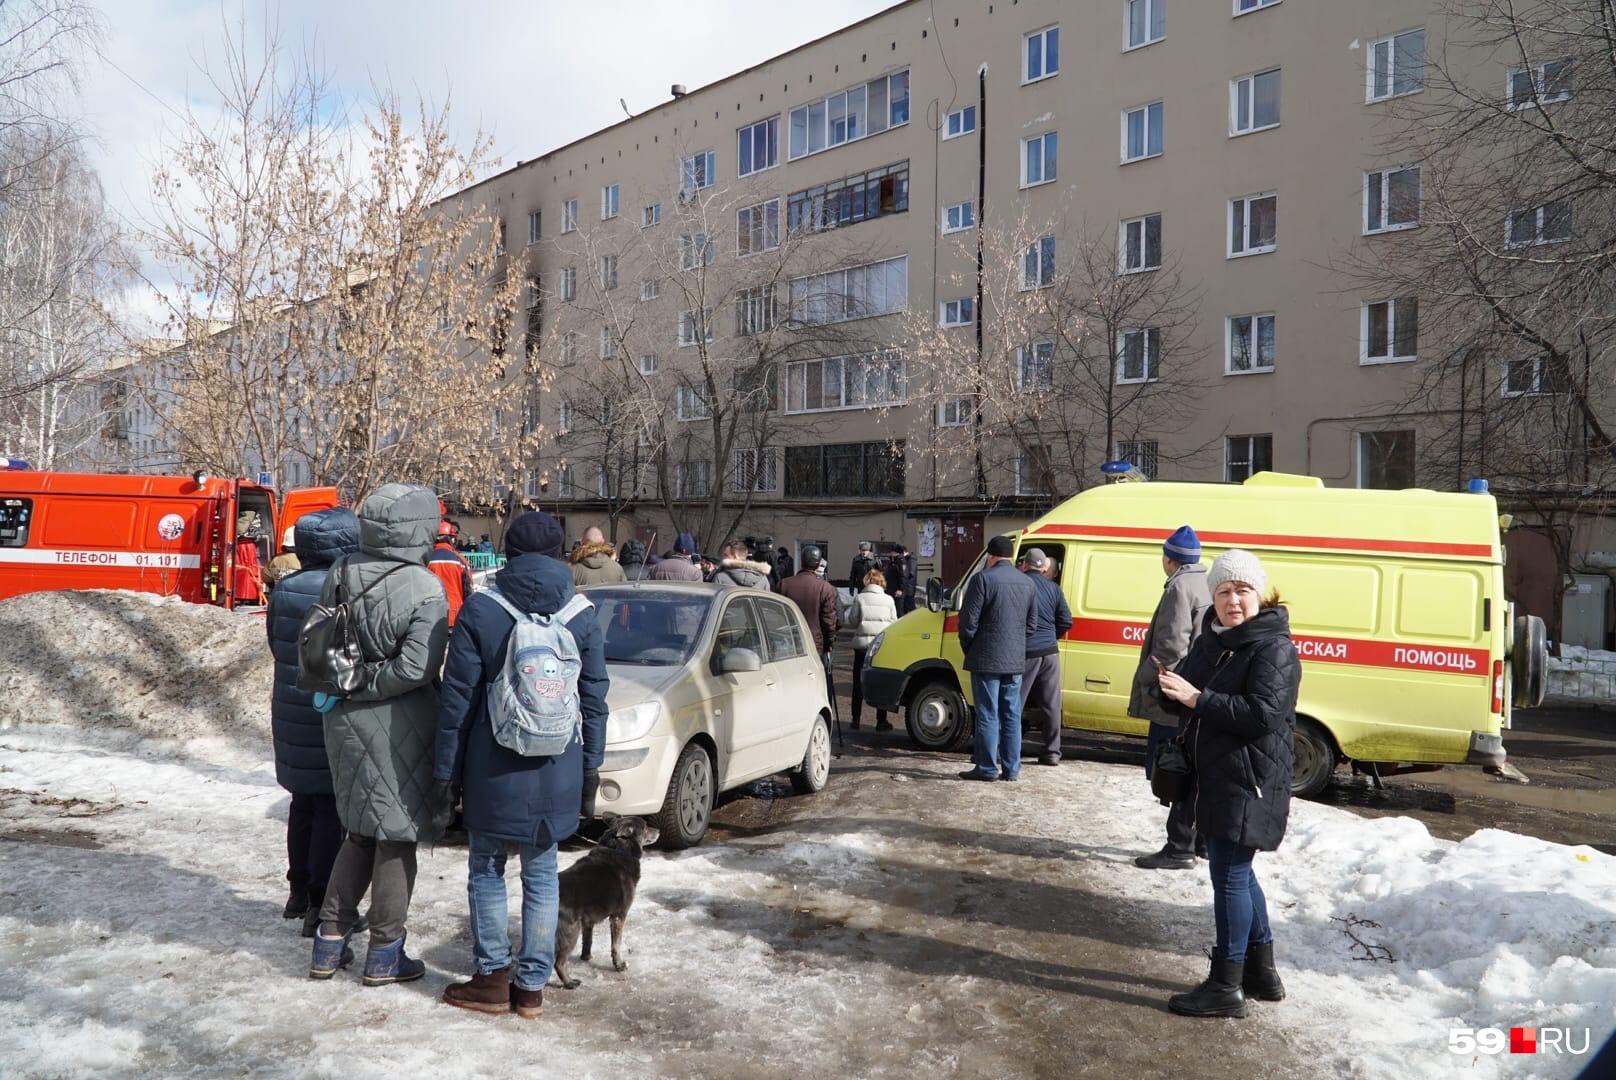 Люди вышли из дома и стоят на улице